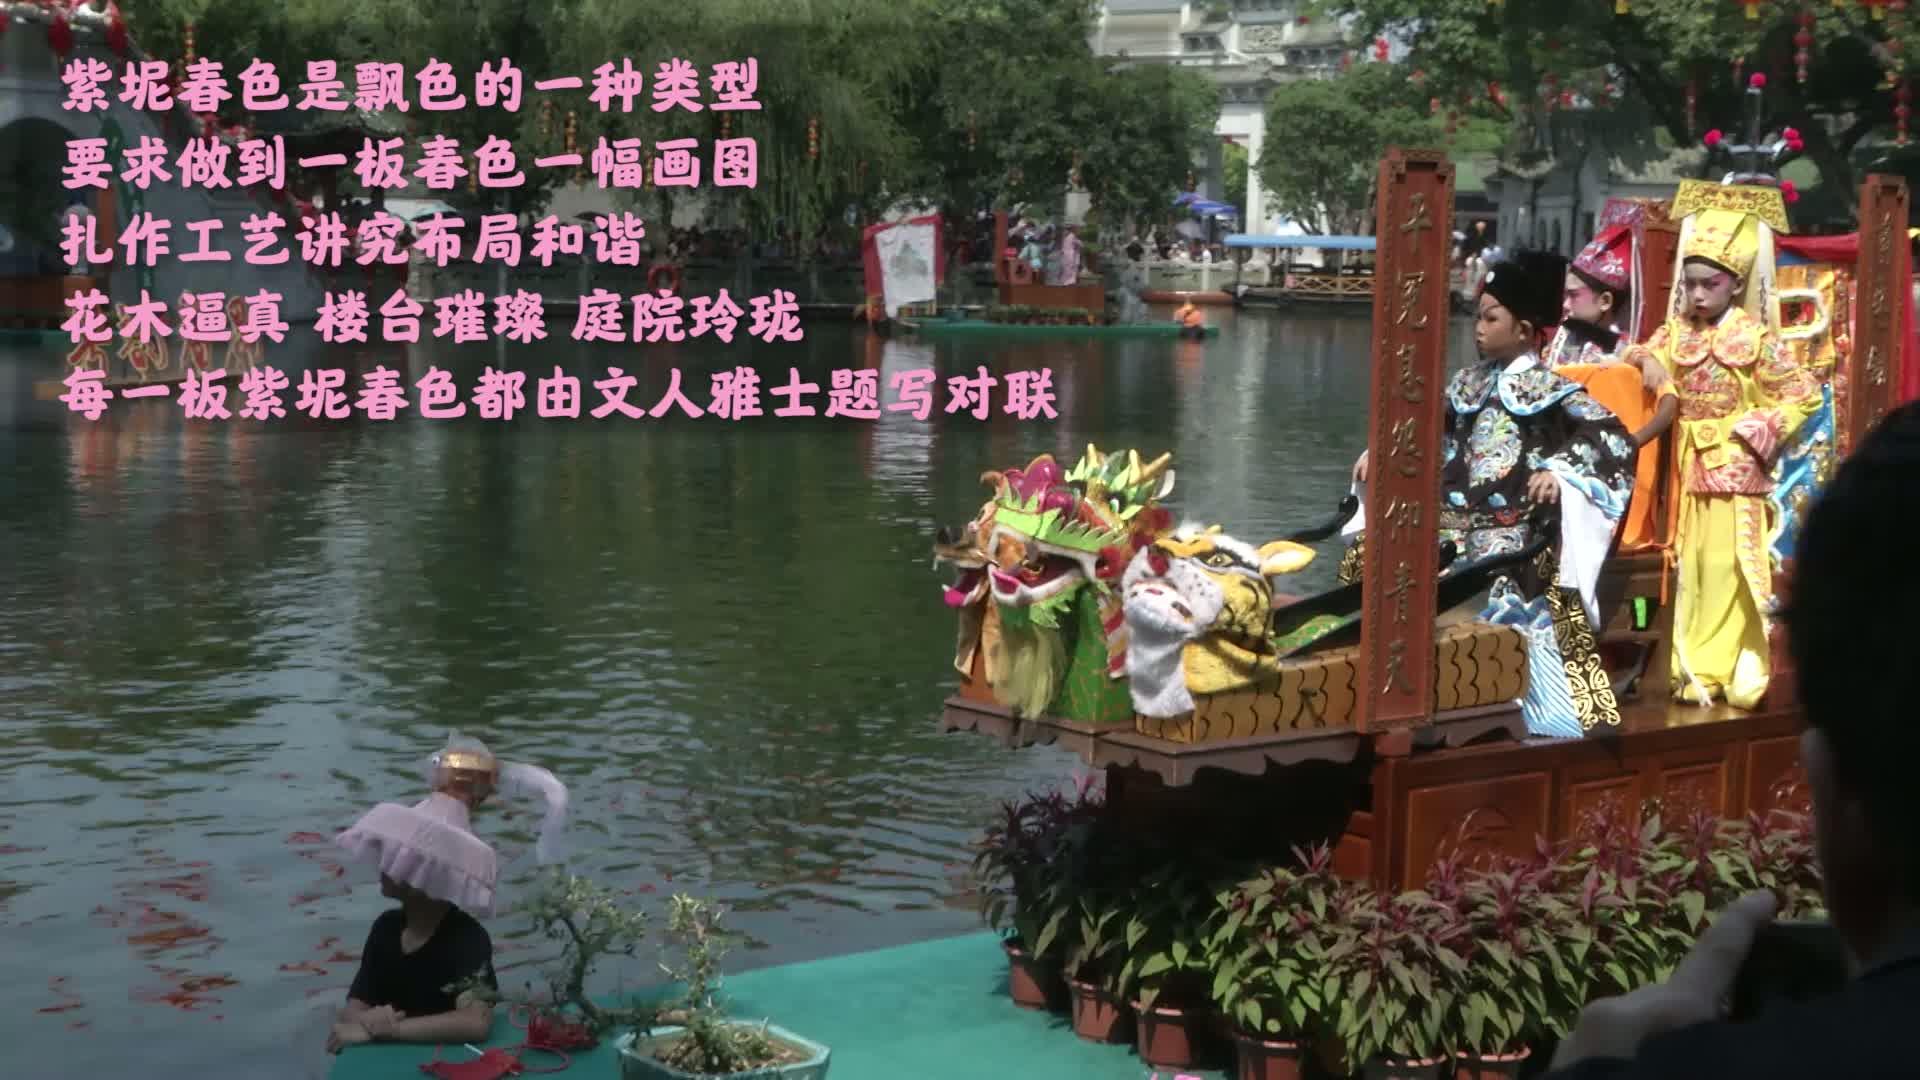 国庆去哪儿?来广州番禺看飘色表演,沉寂70年的它重出江湖